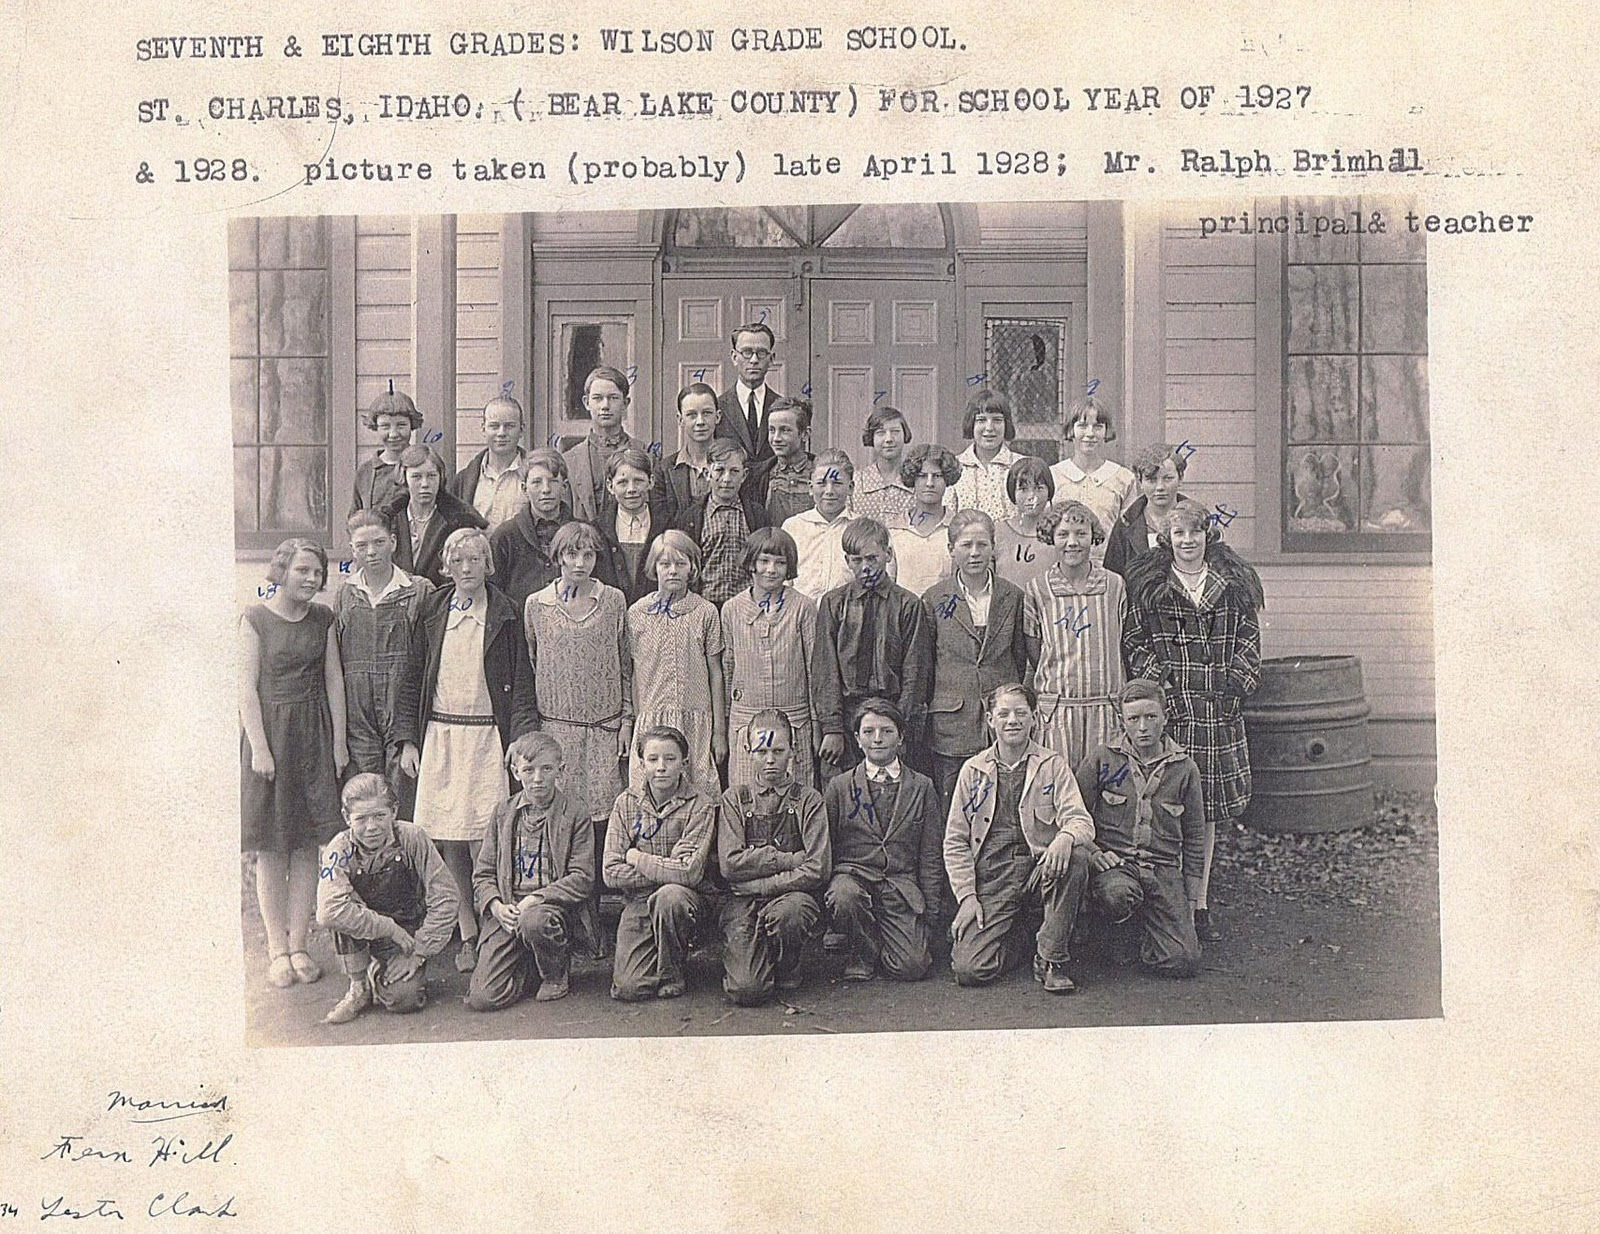 http://1.bp.blogspot.com/_HBTzhwHCh-s/TDJX7ozK1YI/AAAAAAAAAMQ/4C-ghfxE8UM/s1600/Wilson+School.St.Charles.Bear+Lake+Co.1928.jpg